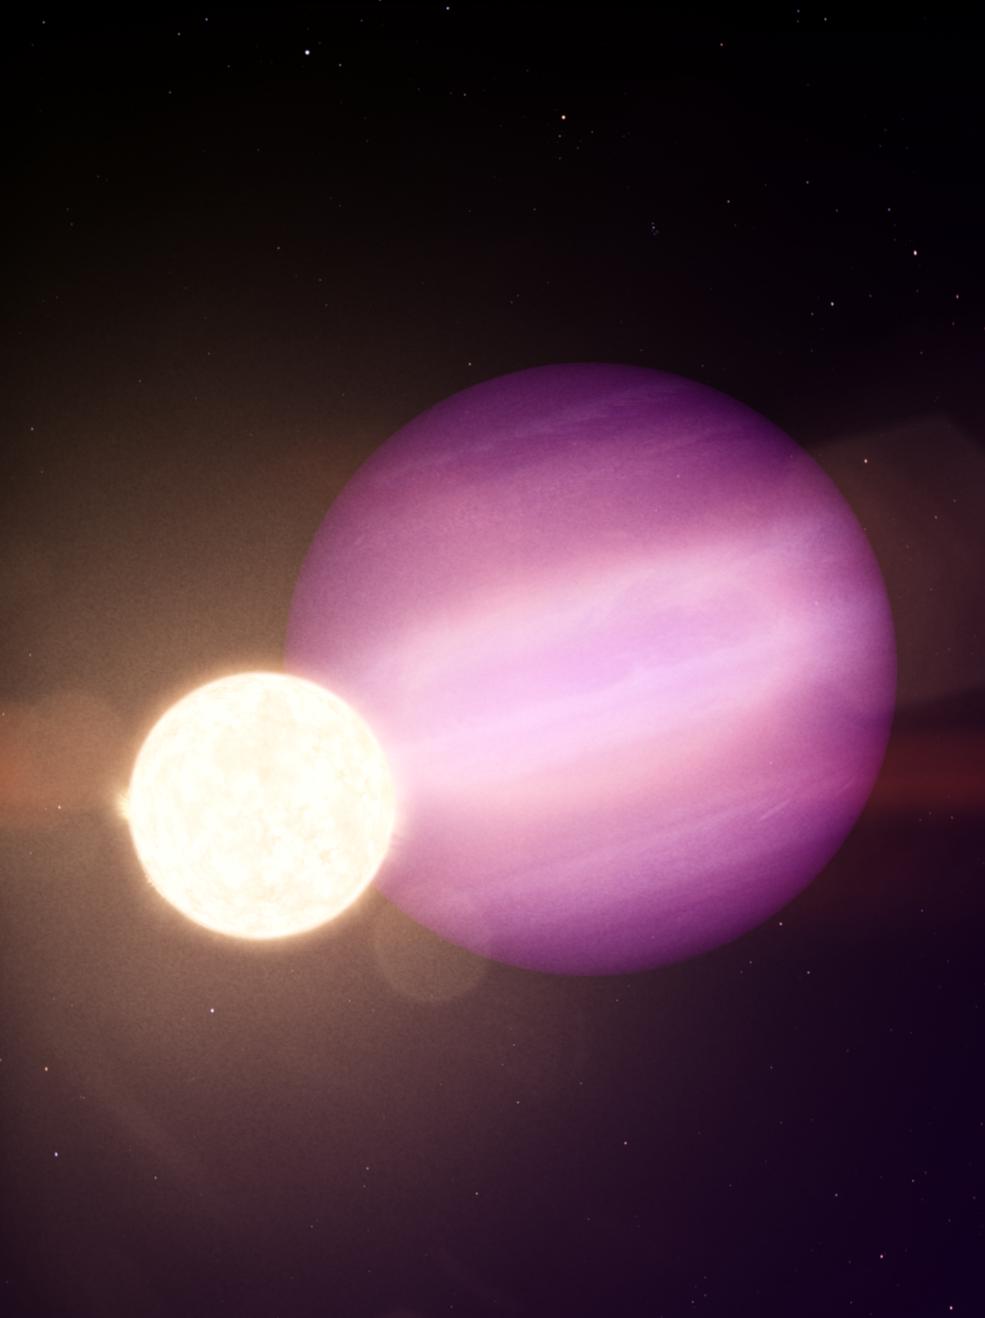 Objev exoplanety v blízkosti bílého trpaslíka - na místě, kde by neměla přežít